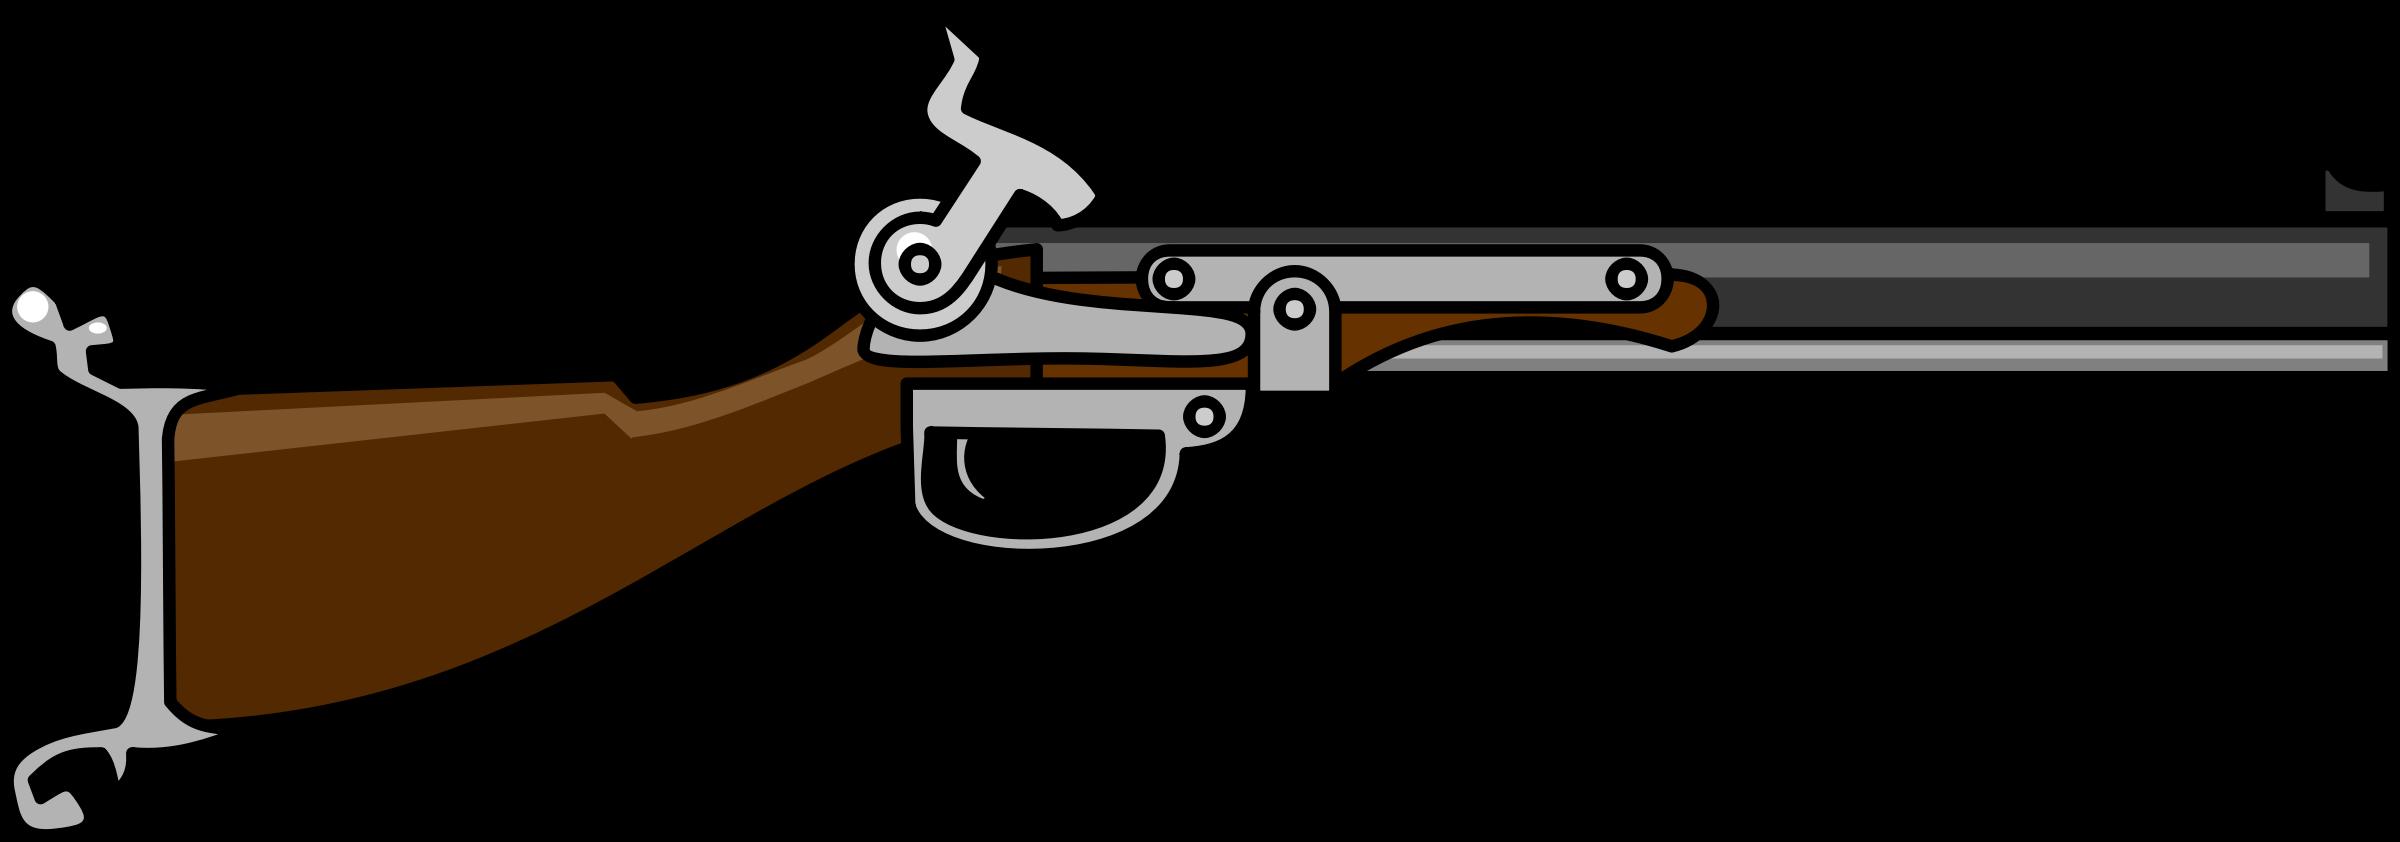 Clipart sword gun. Big image png